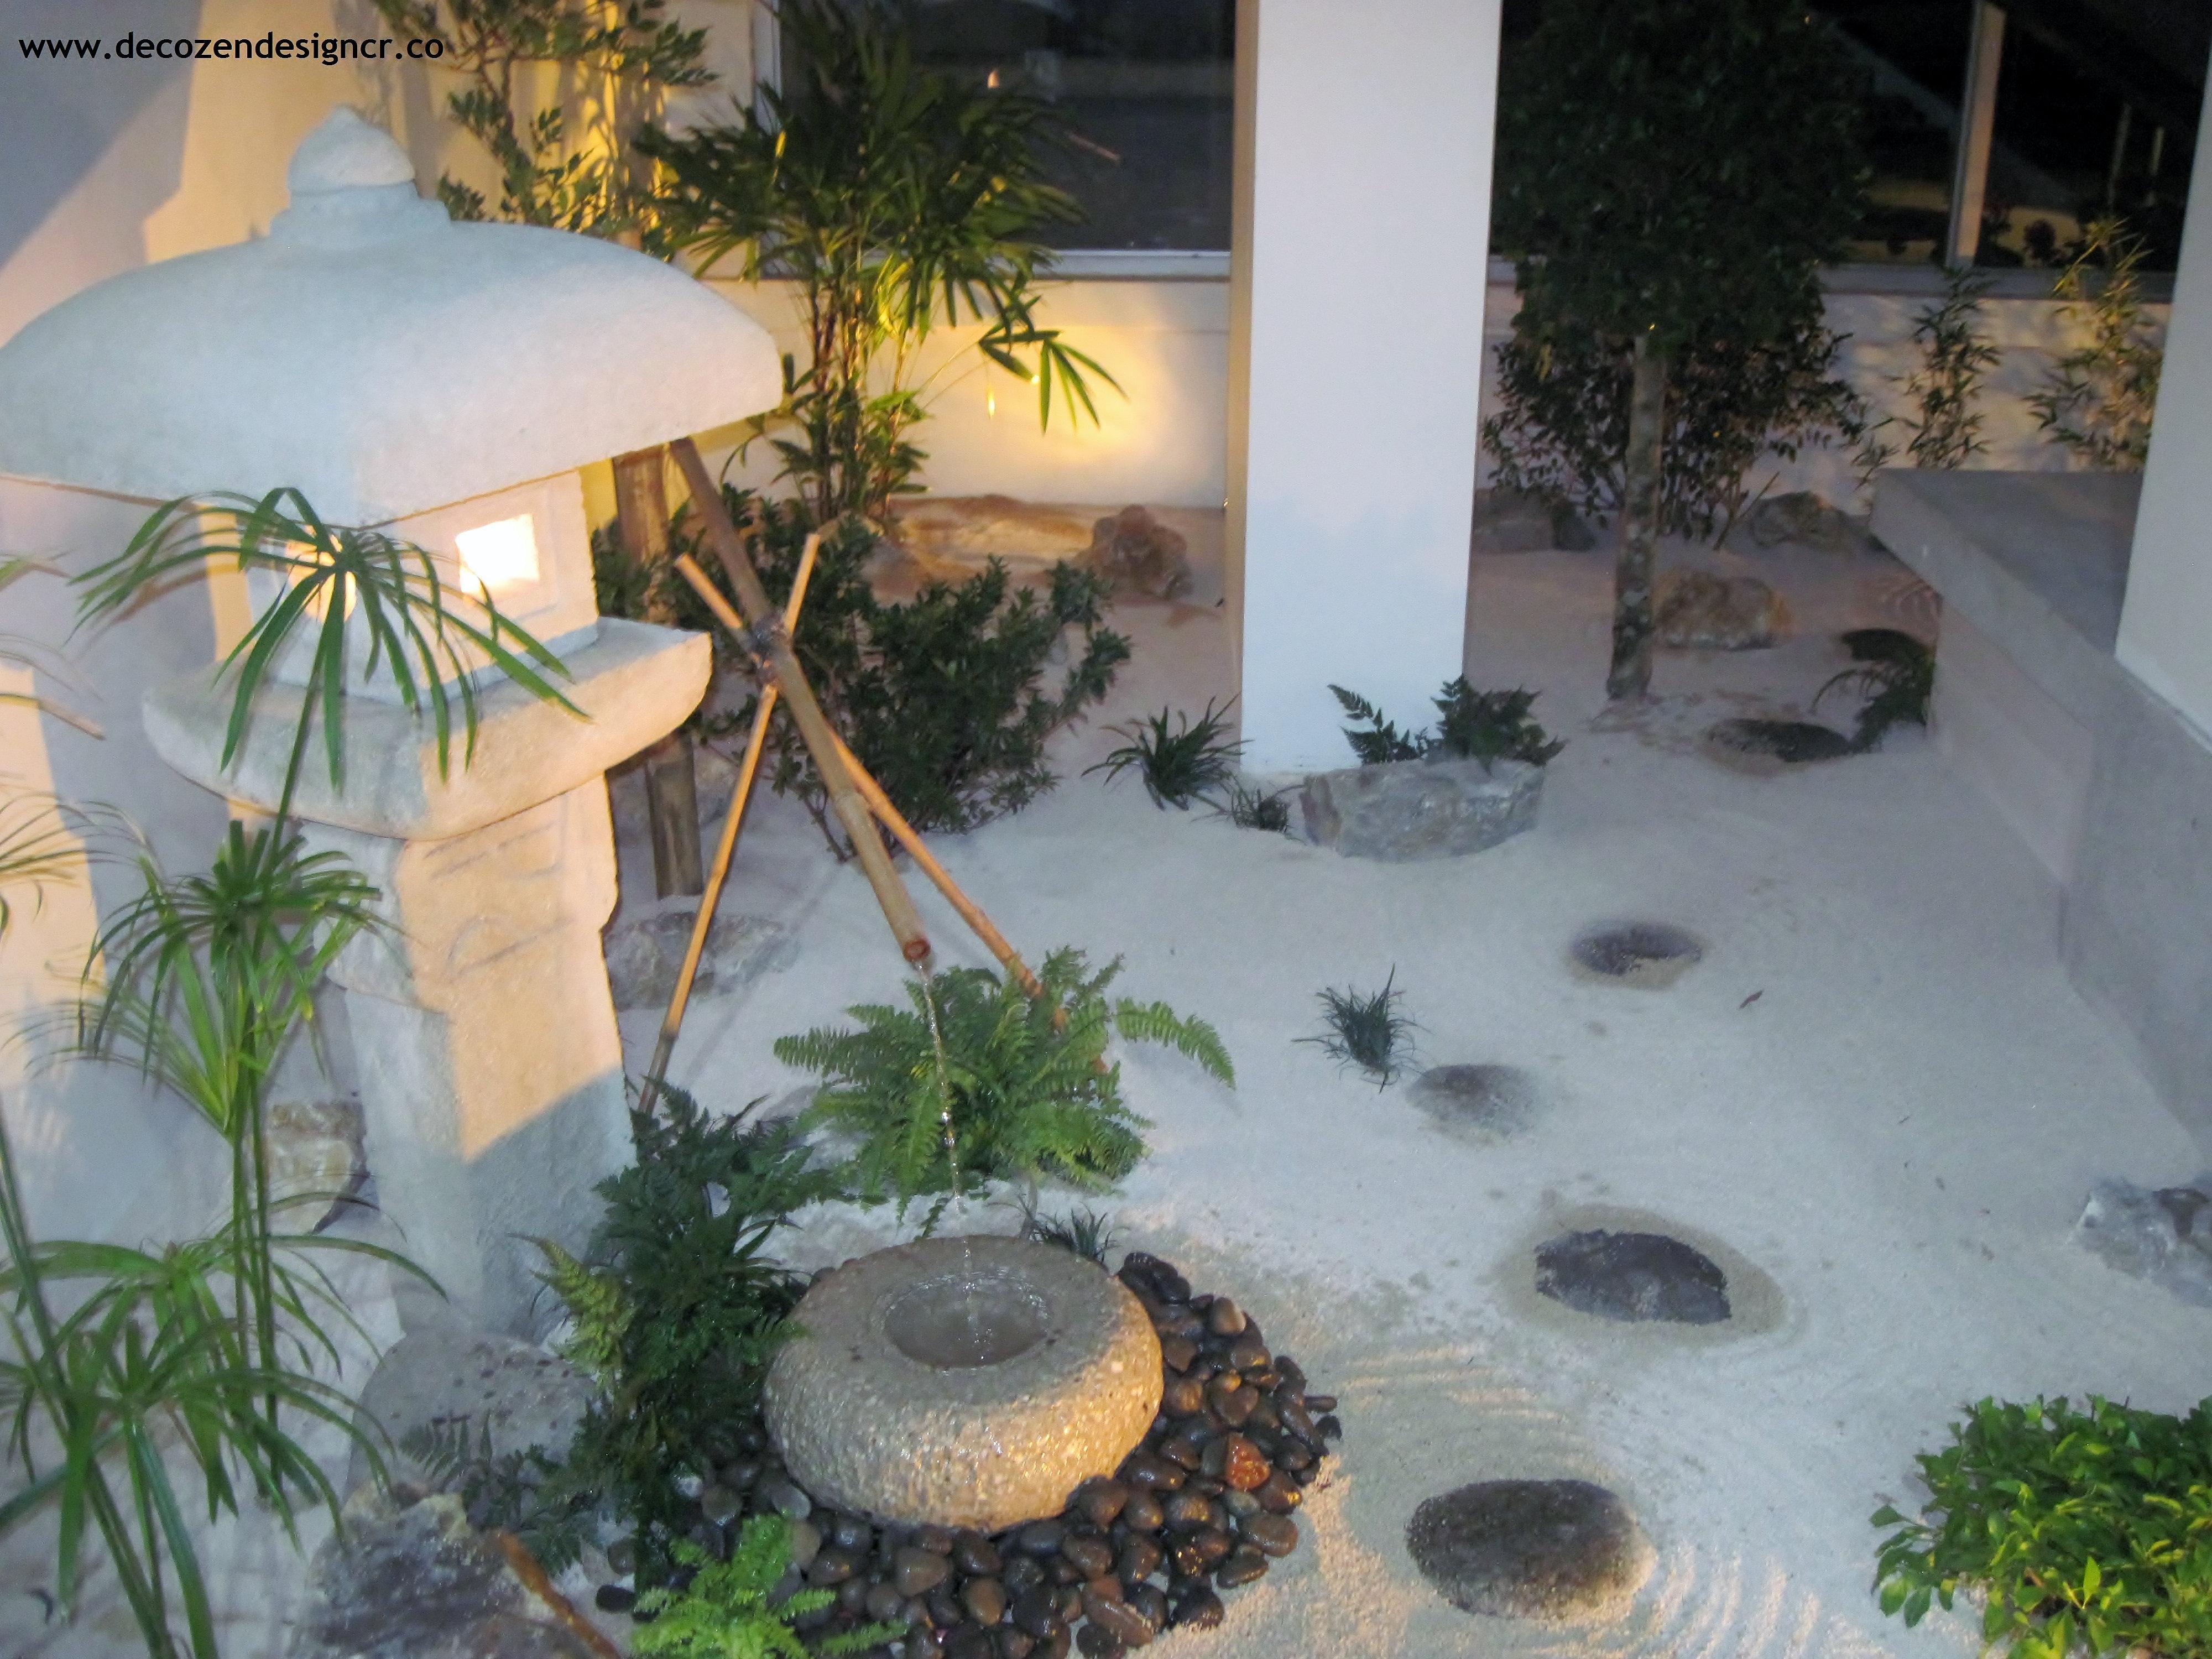 Jardines zen costa rica deco zen design jard n japon s for Jardin interior bajo escalera